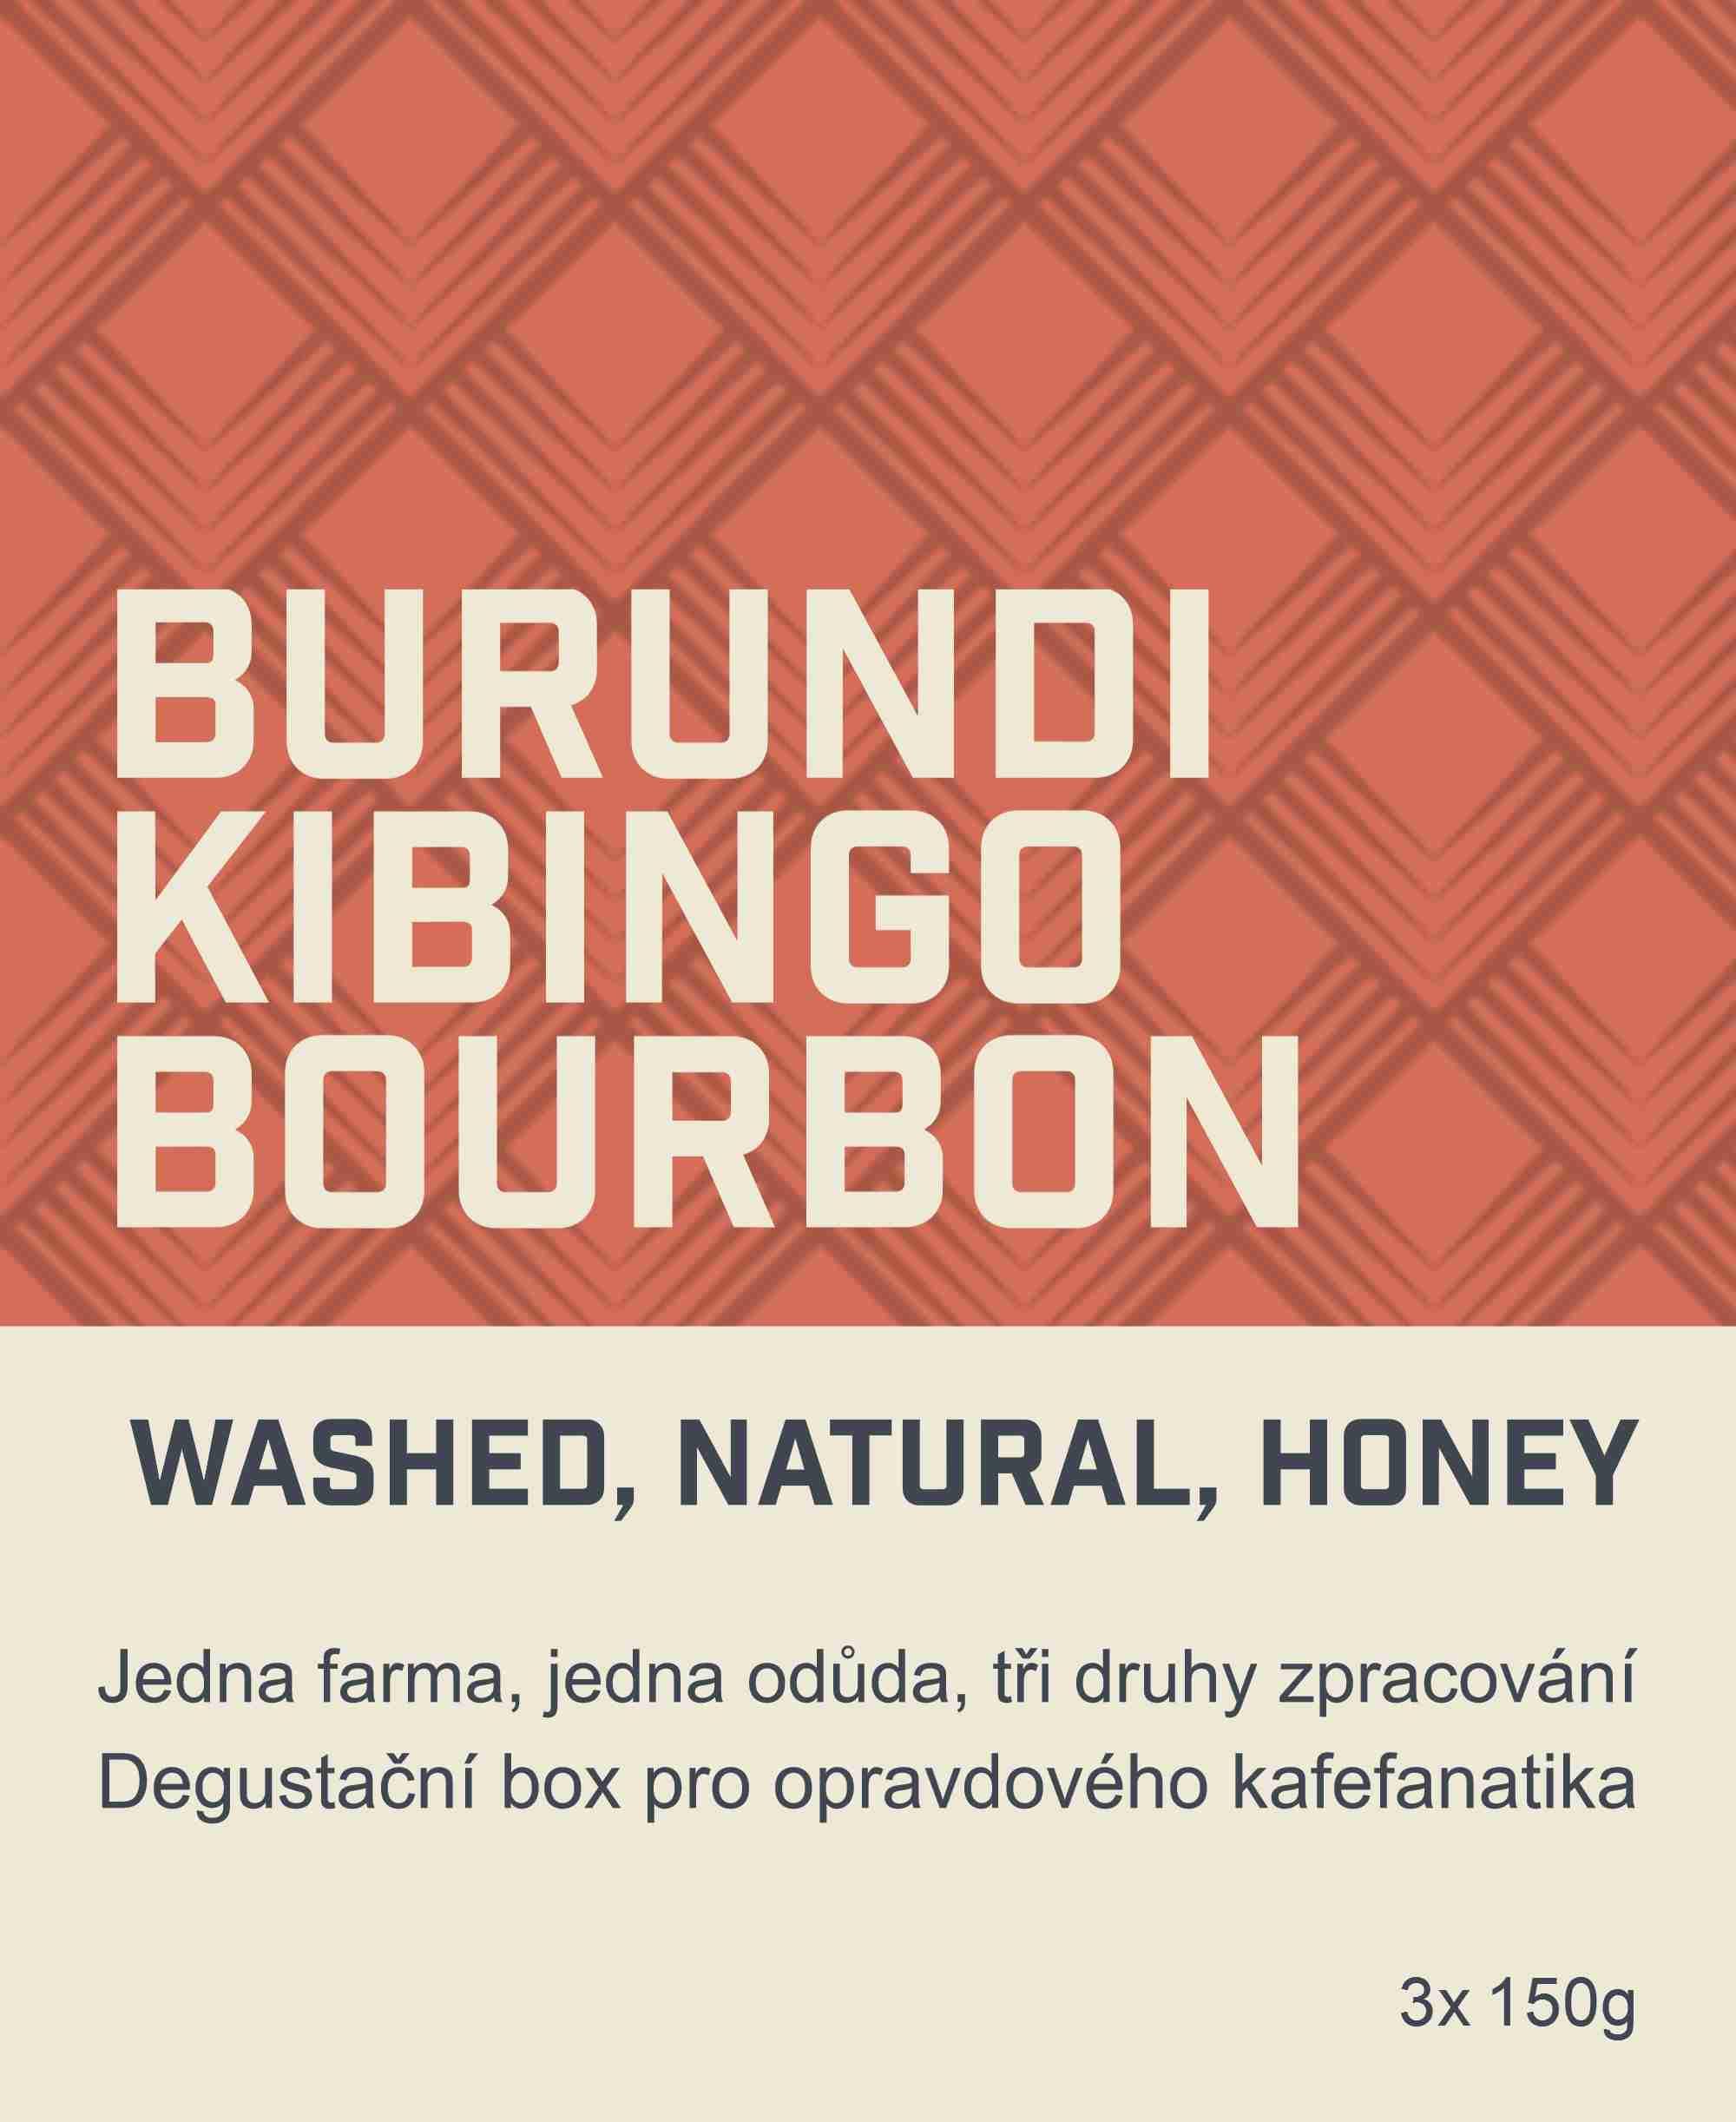 Coffeespot Burundi Kibingo degustační box 3x 150 g